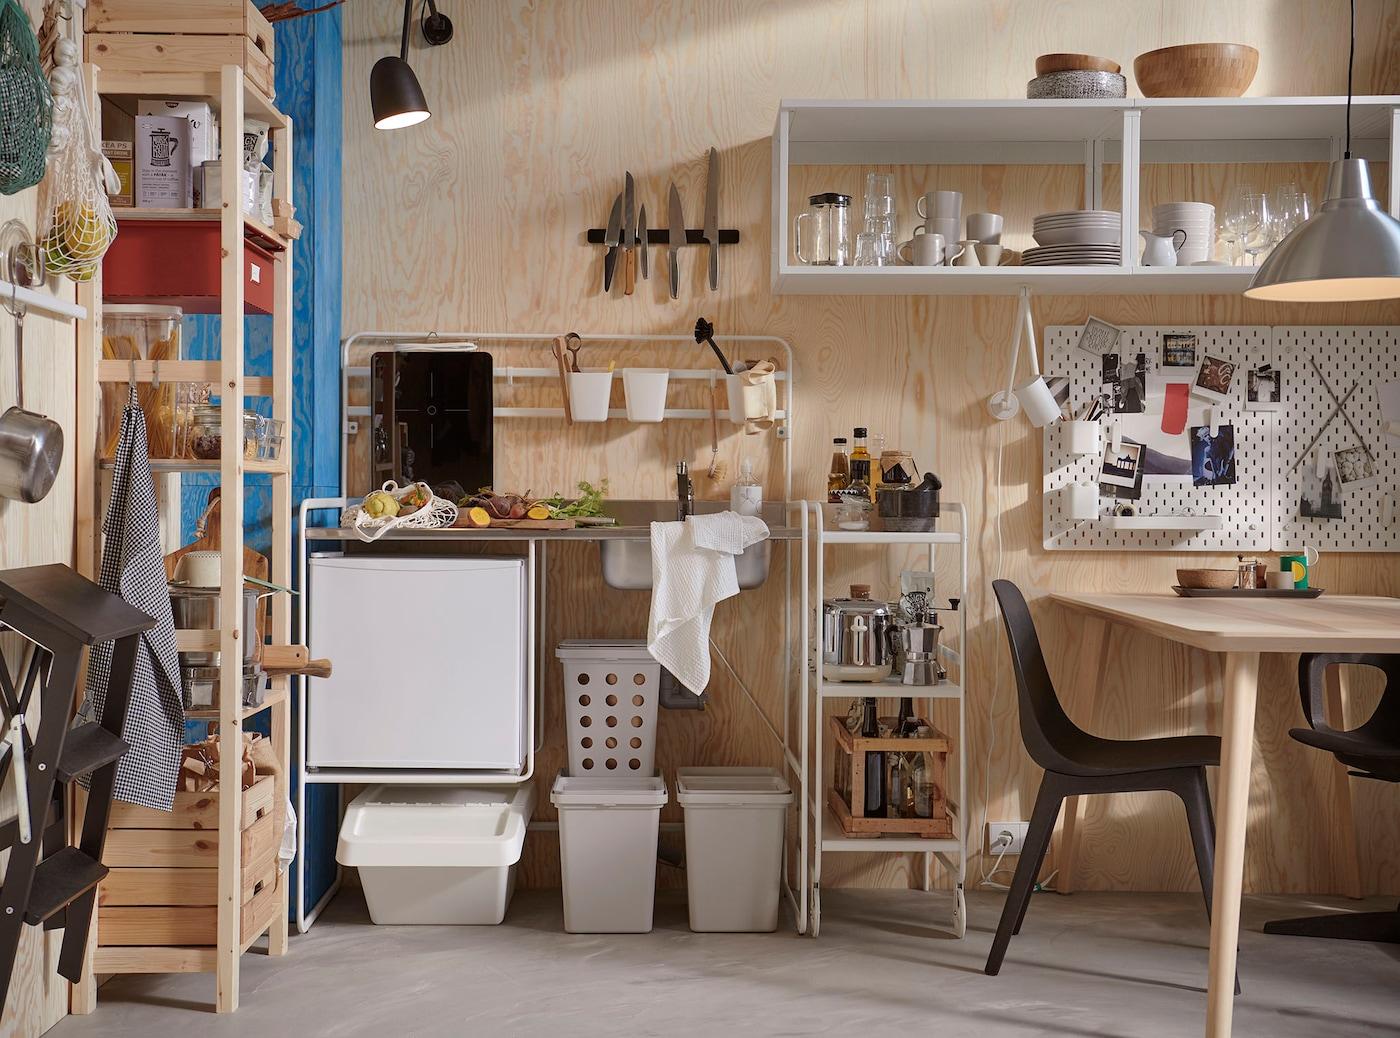 SUNNERSTA mini kitchen